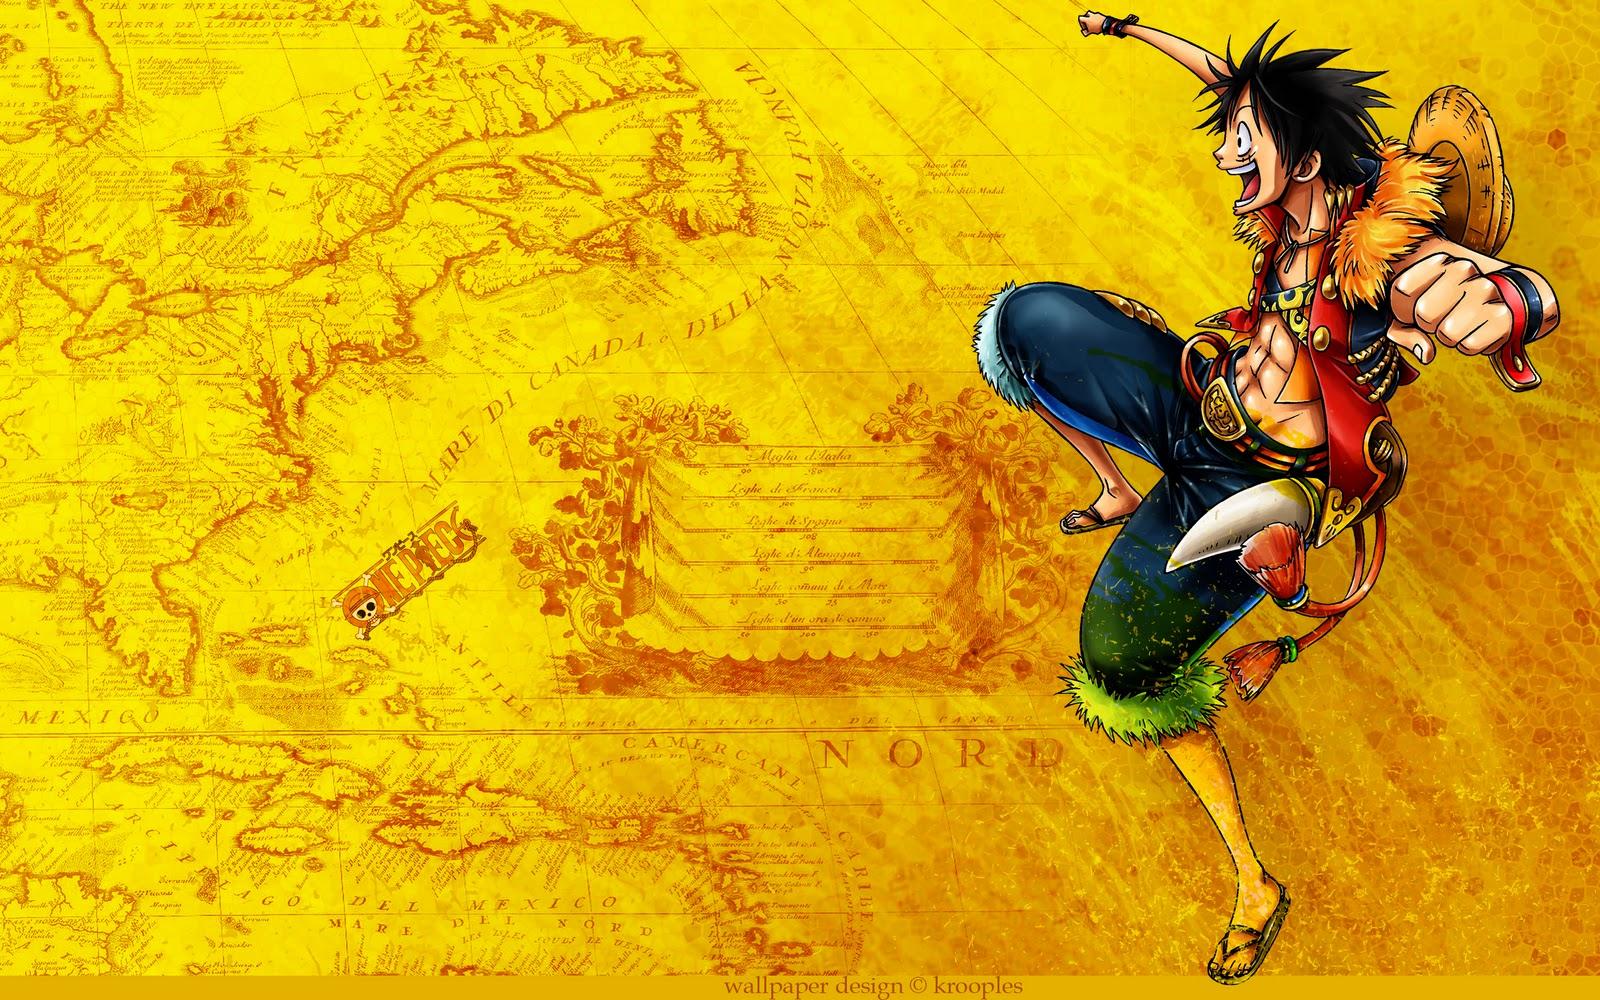 http://1.bp.blogspot.com/-uURtPHPSM8k/TuQwDzx_vPI/AAAAAAAAA44/RyChq61m8IU/s1600/One-Piece-Wallpapers-053.jpg